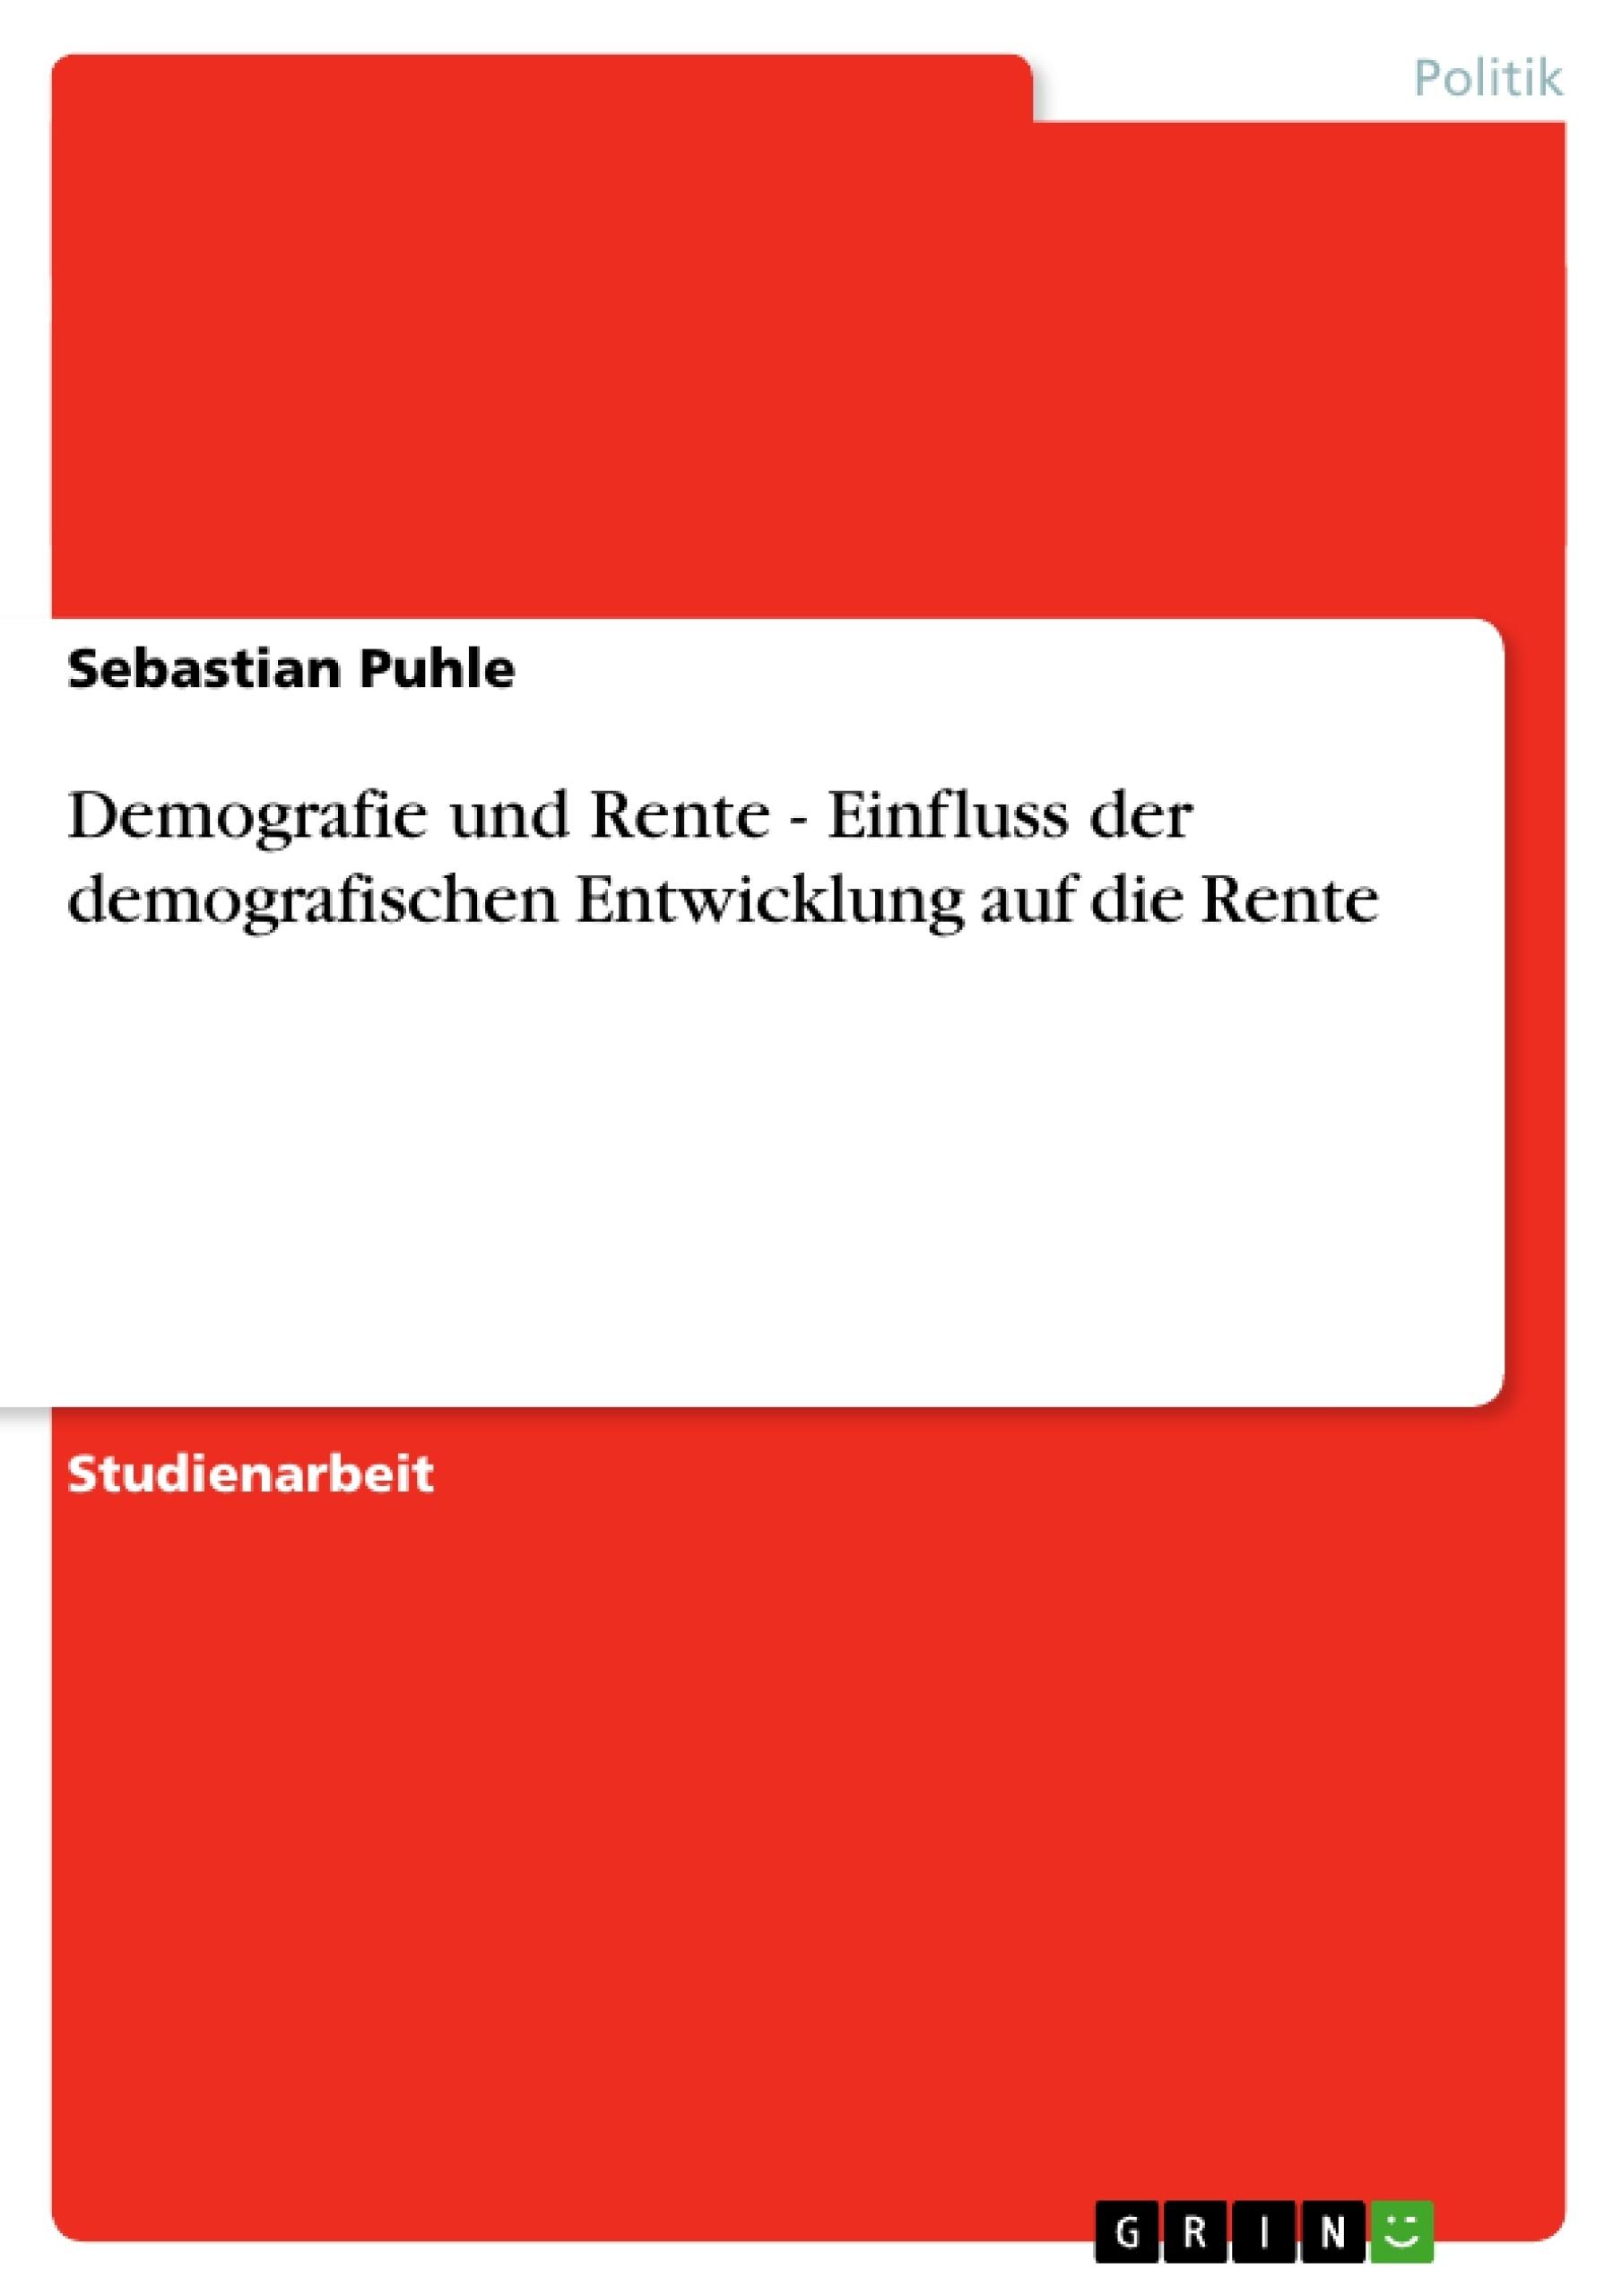 Titel: Demografie und Rente - Einfluss der demografischen Entwicklung auf die Rente